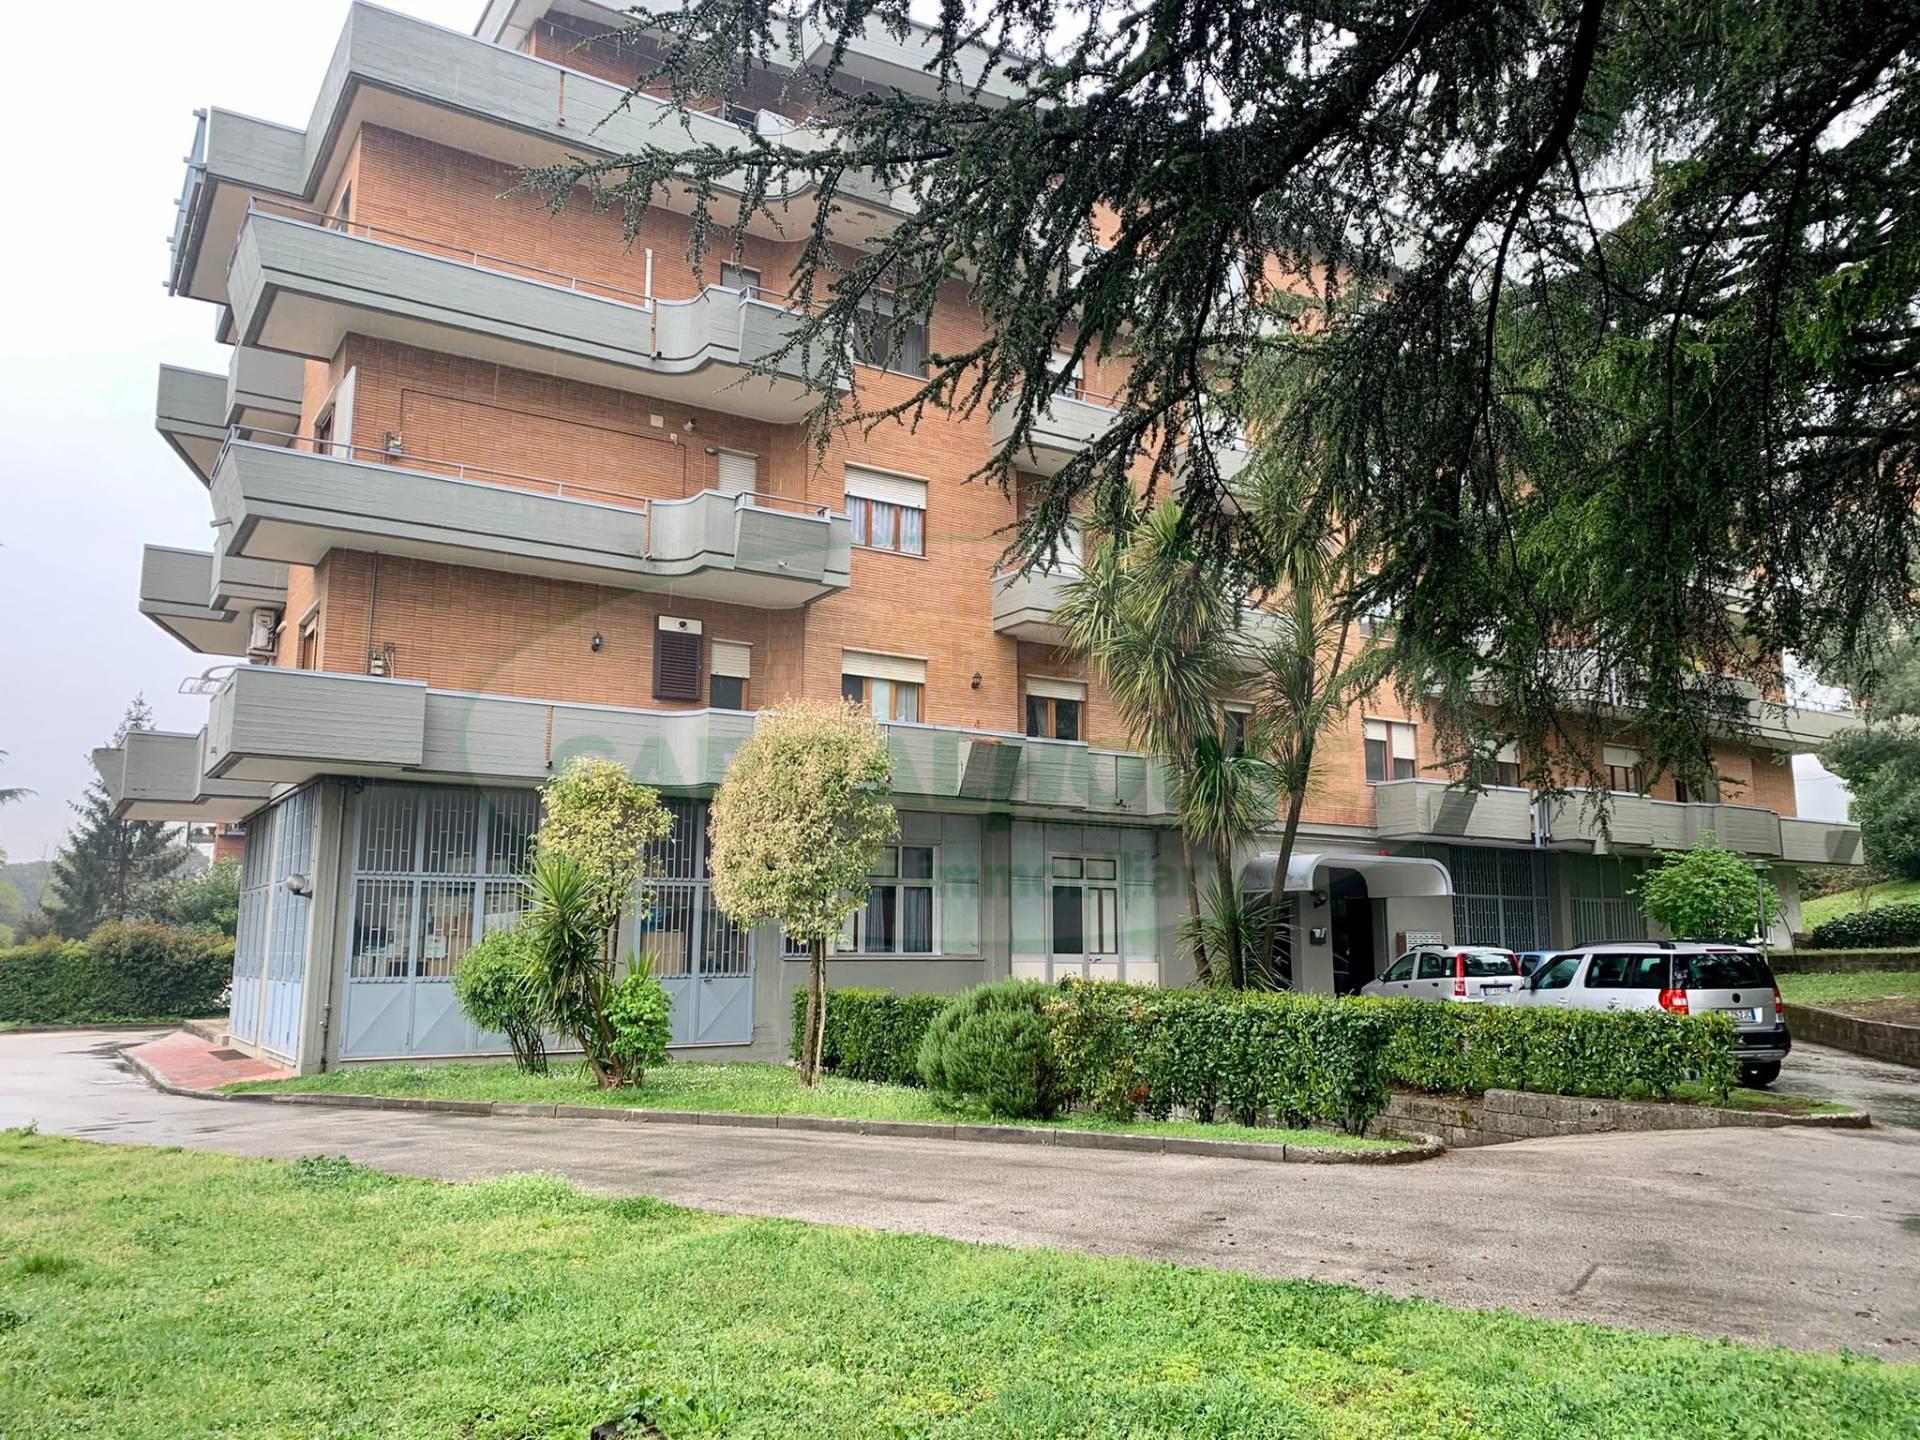 Appartamento in vendita a Avellino, 3 locali, zona Località: ViaAnnarumma, prezzo € 175.000 | CambioCasa.it